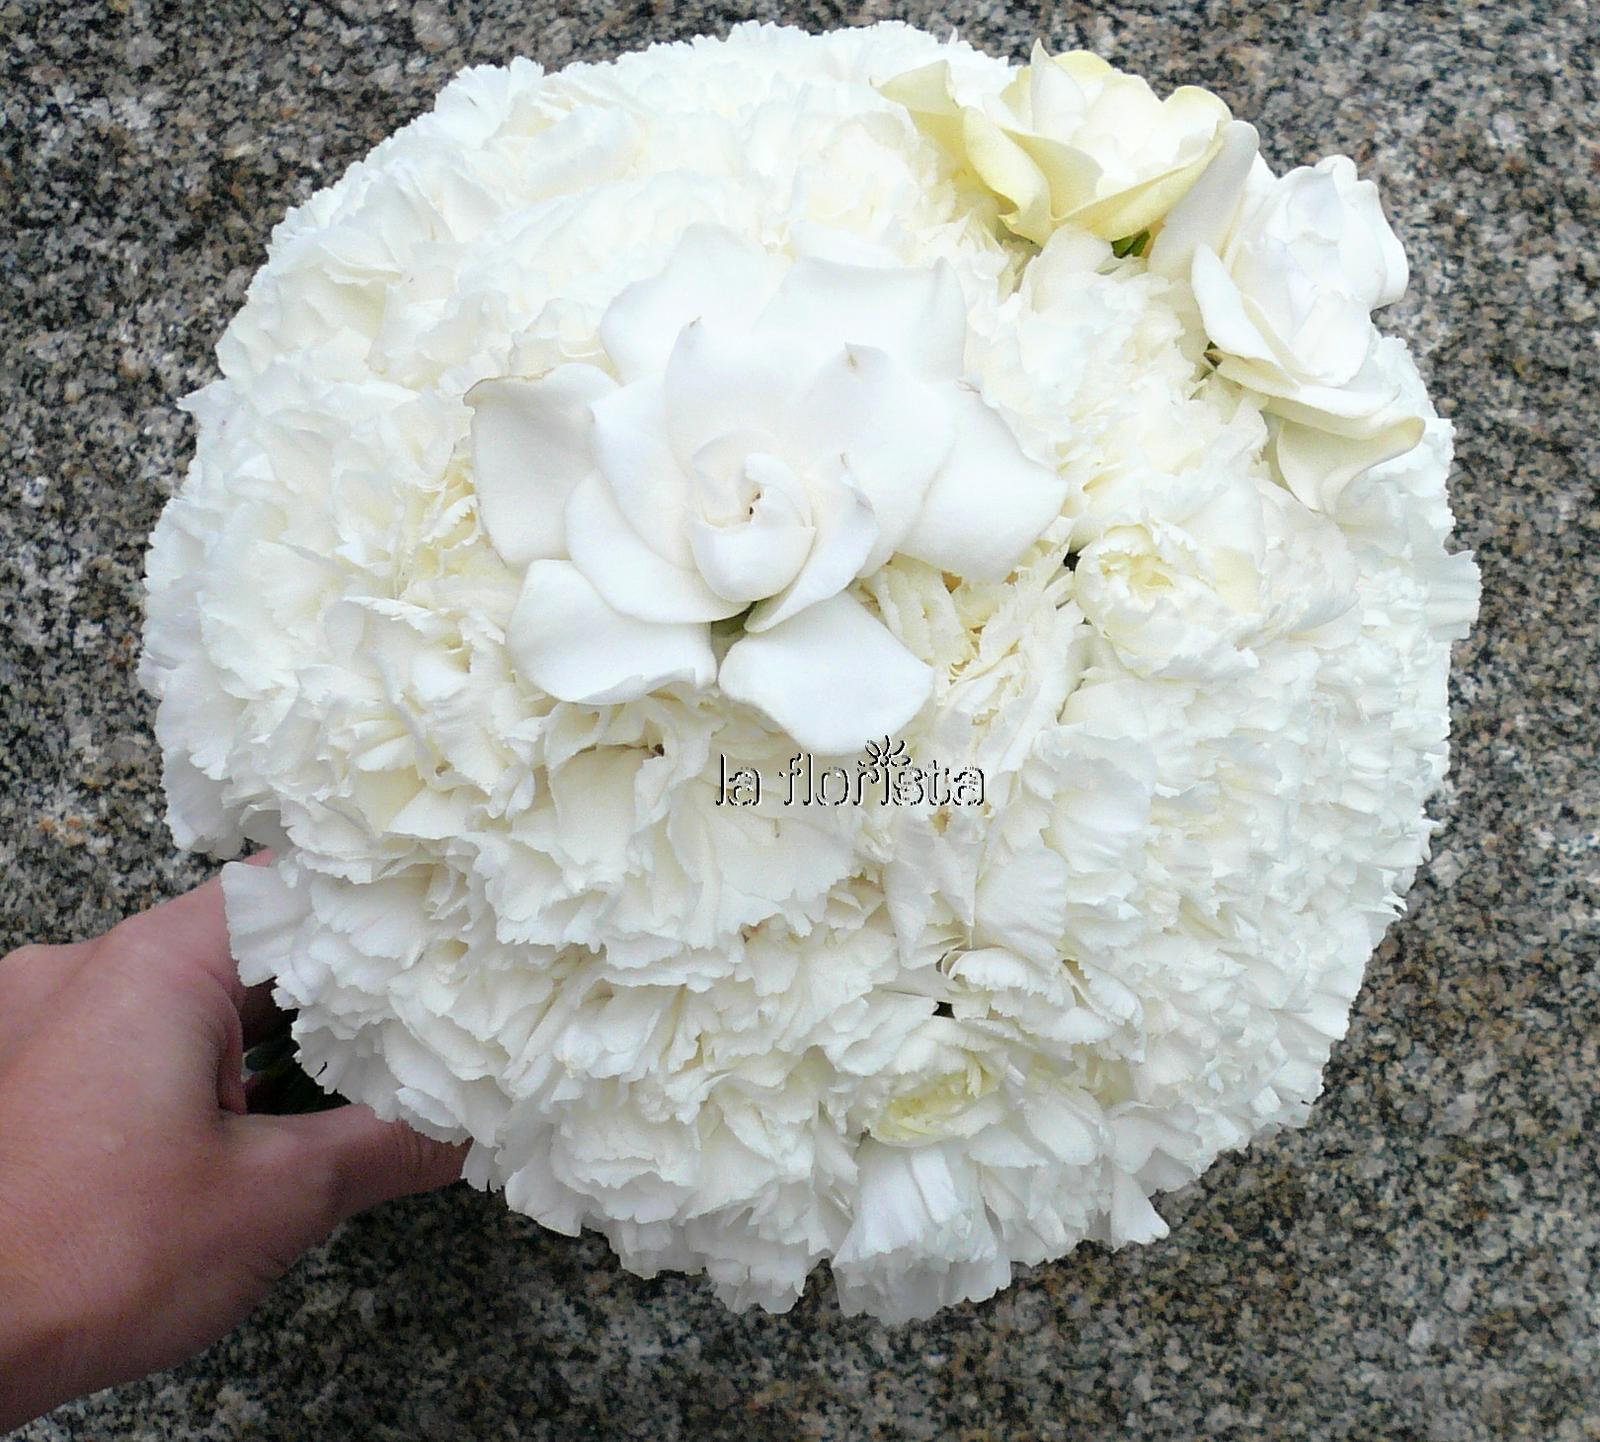 Do svatební kytice se... - Obrázok č. 4